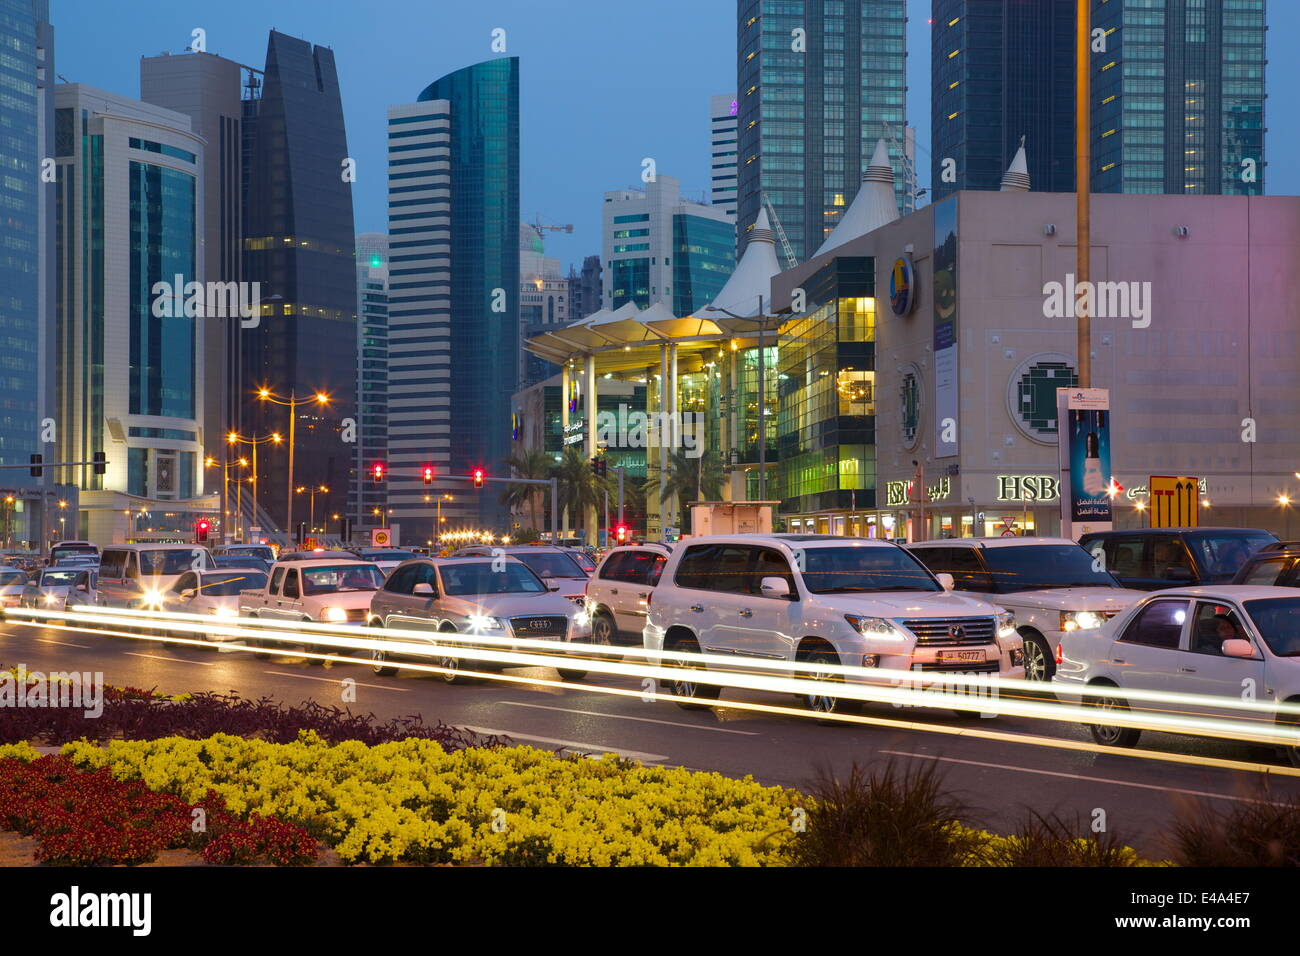 Zeitgenössische Architektur und Verkehr in der Abenddämmerung in City Centre, Doha, Katar, Nahost Stockbild